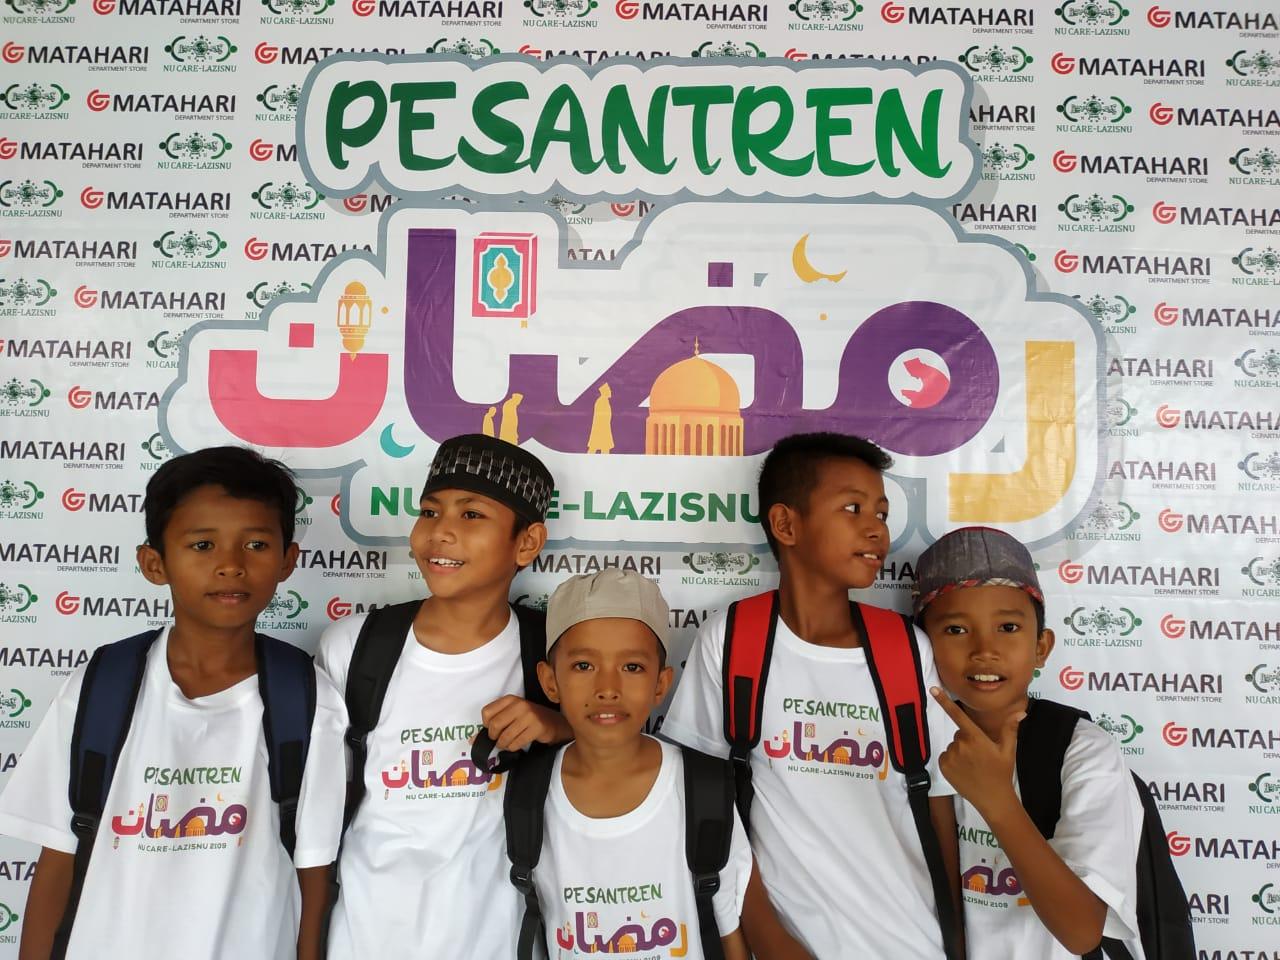 NU CARE-Matahari Dept. Store gelar Pesantren Ramadan bagi anak penyintas gempa dan tsunami